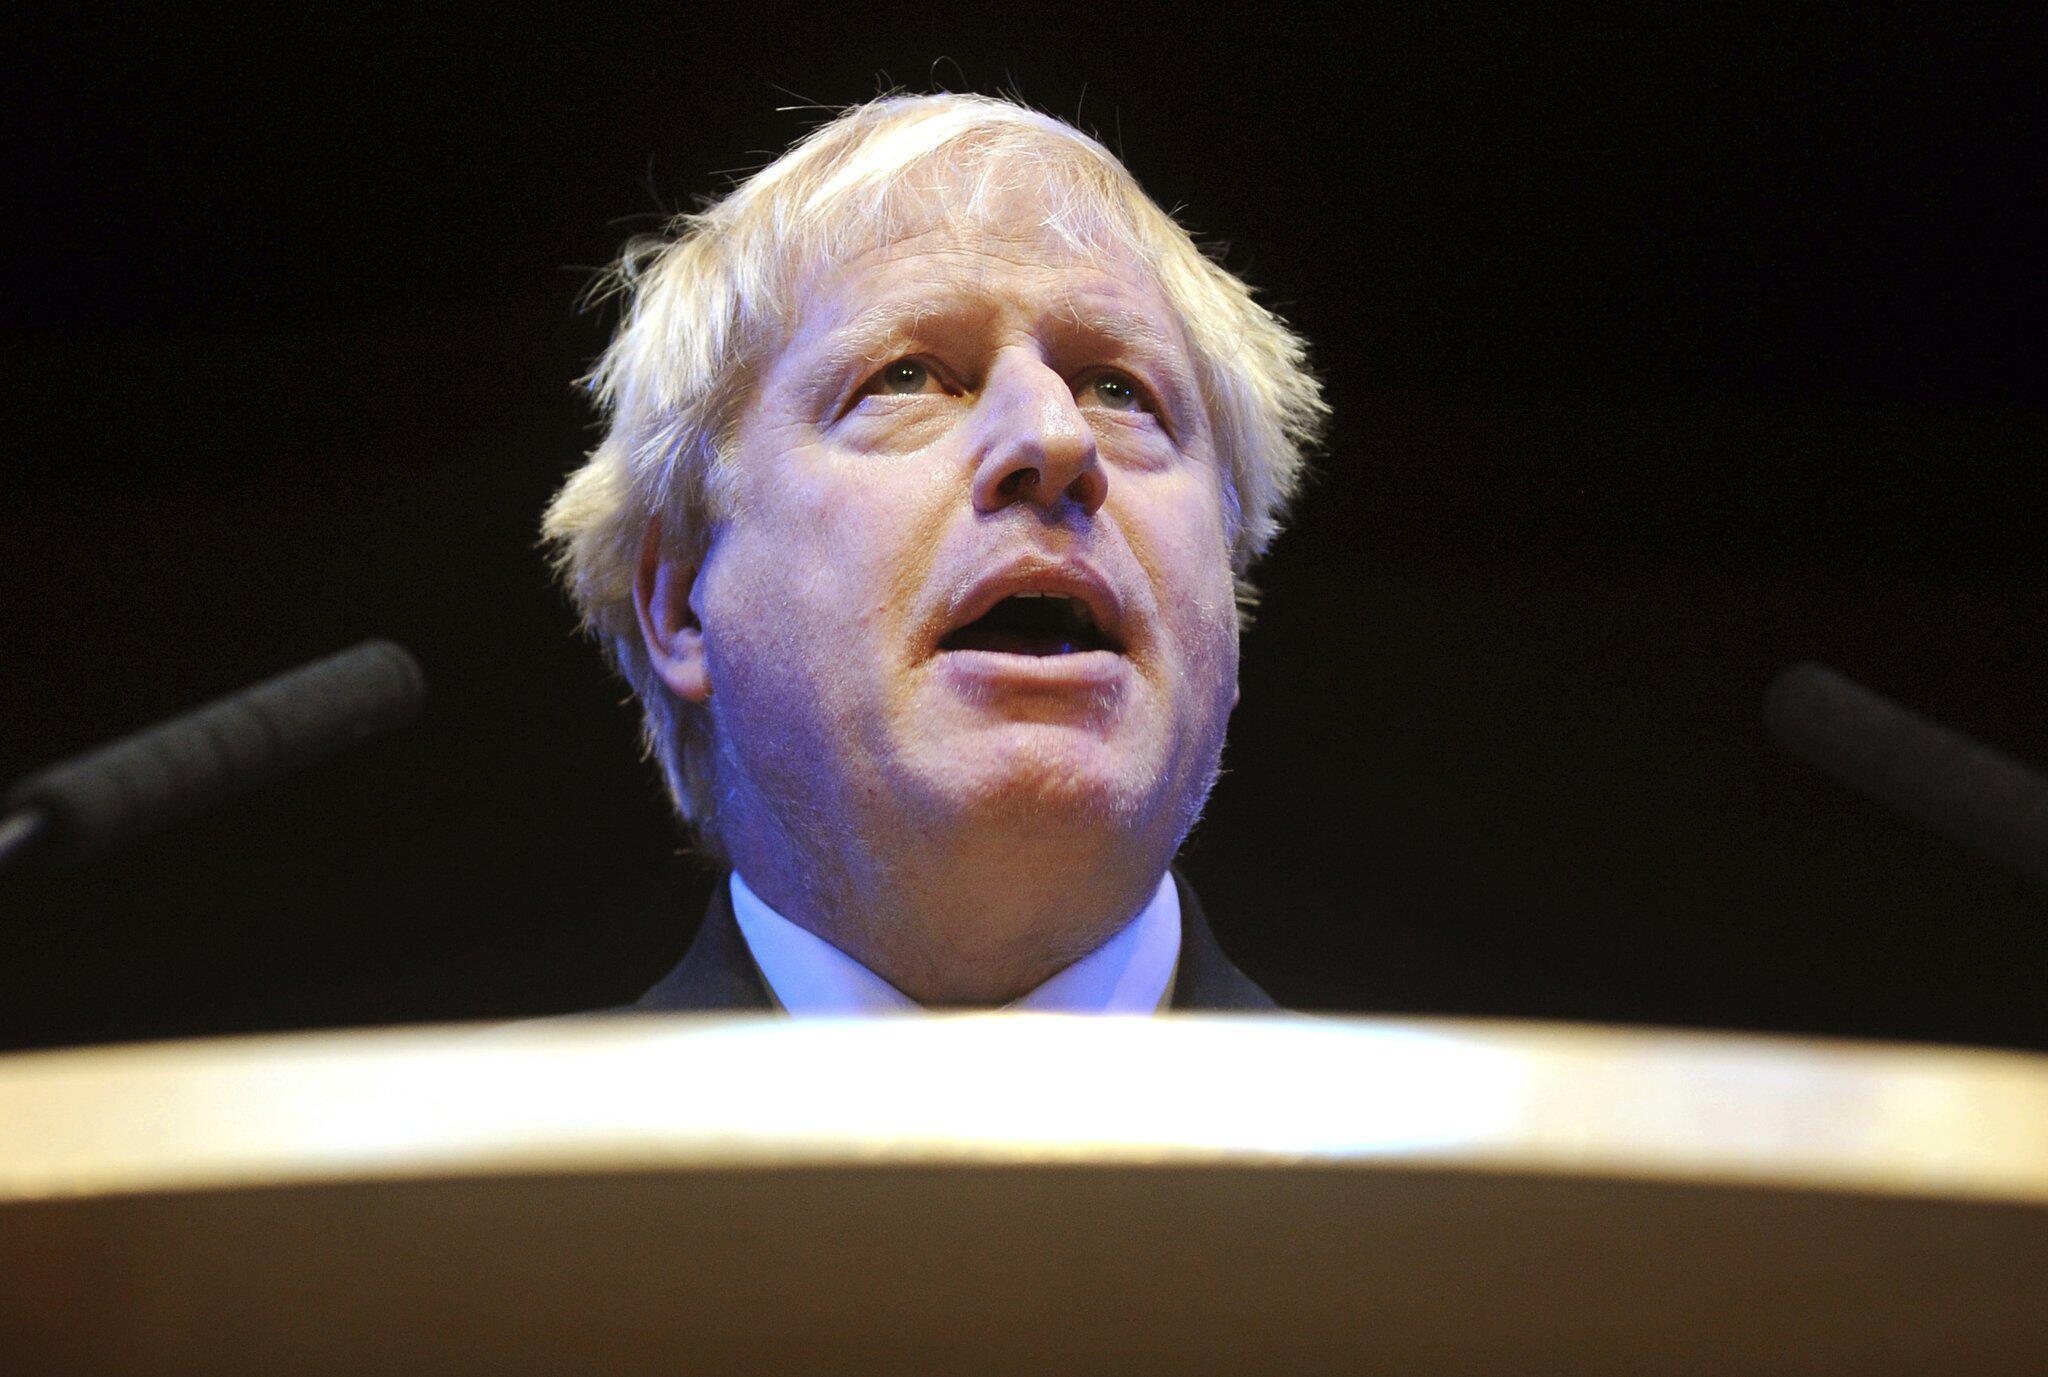 Bild zu Brexit-Hardliner Johnson gegen Ausstiegszahlungen an EU